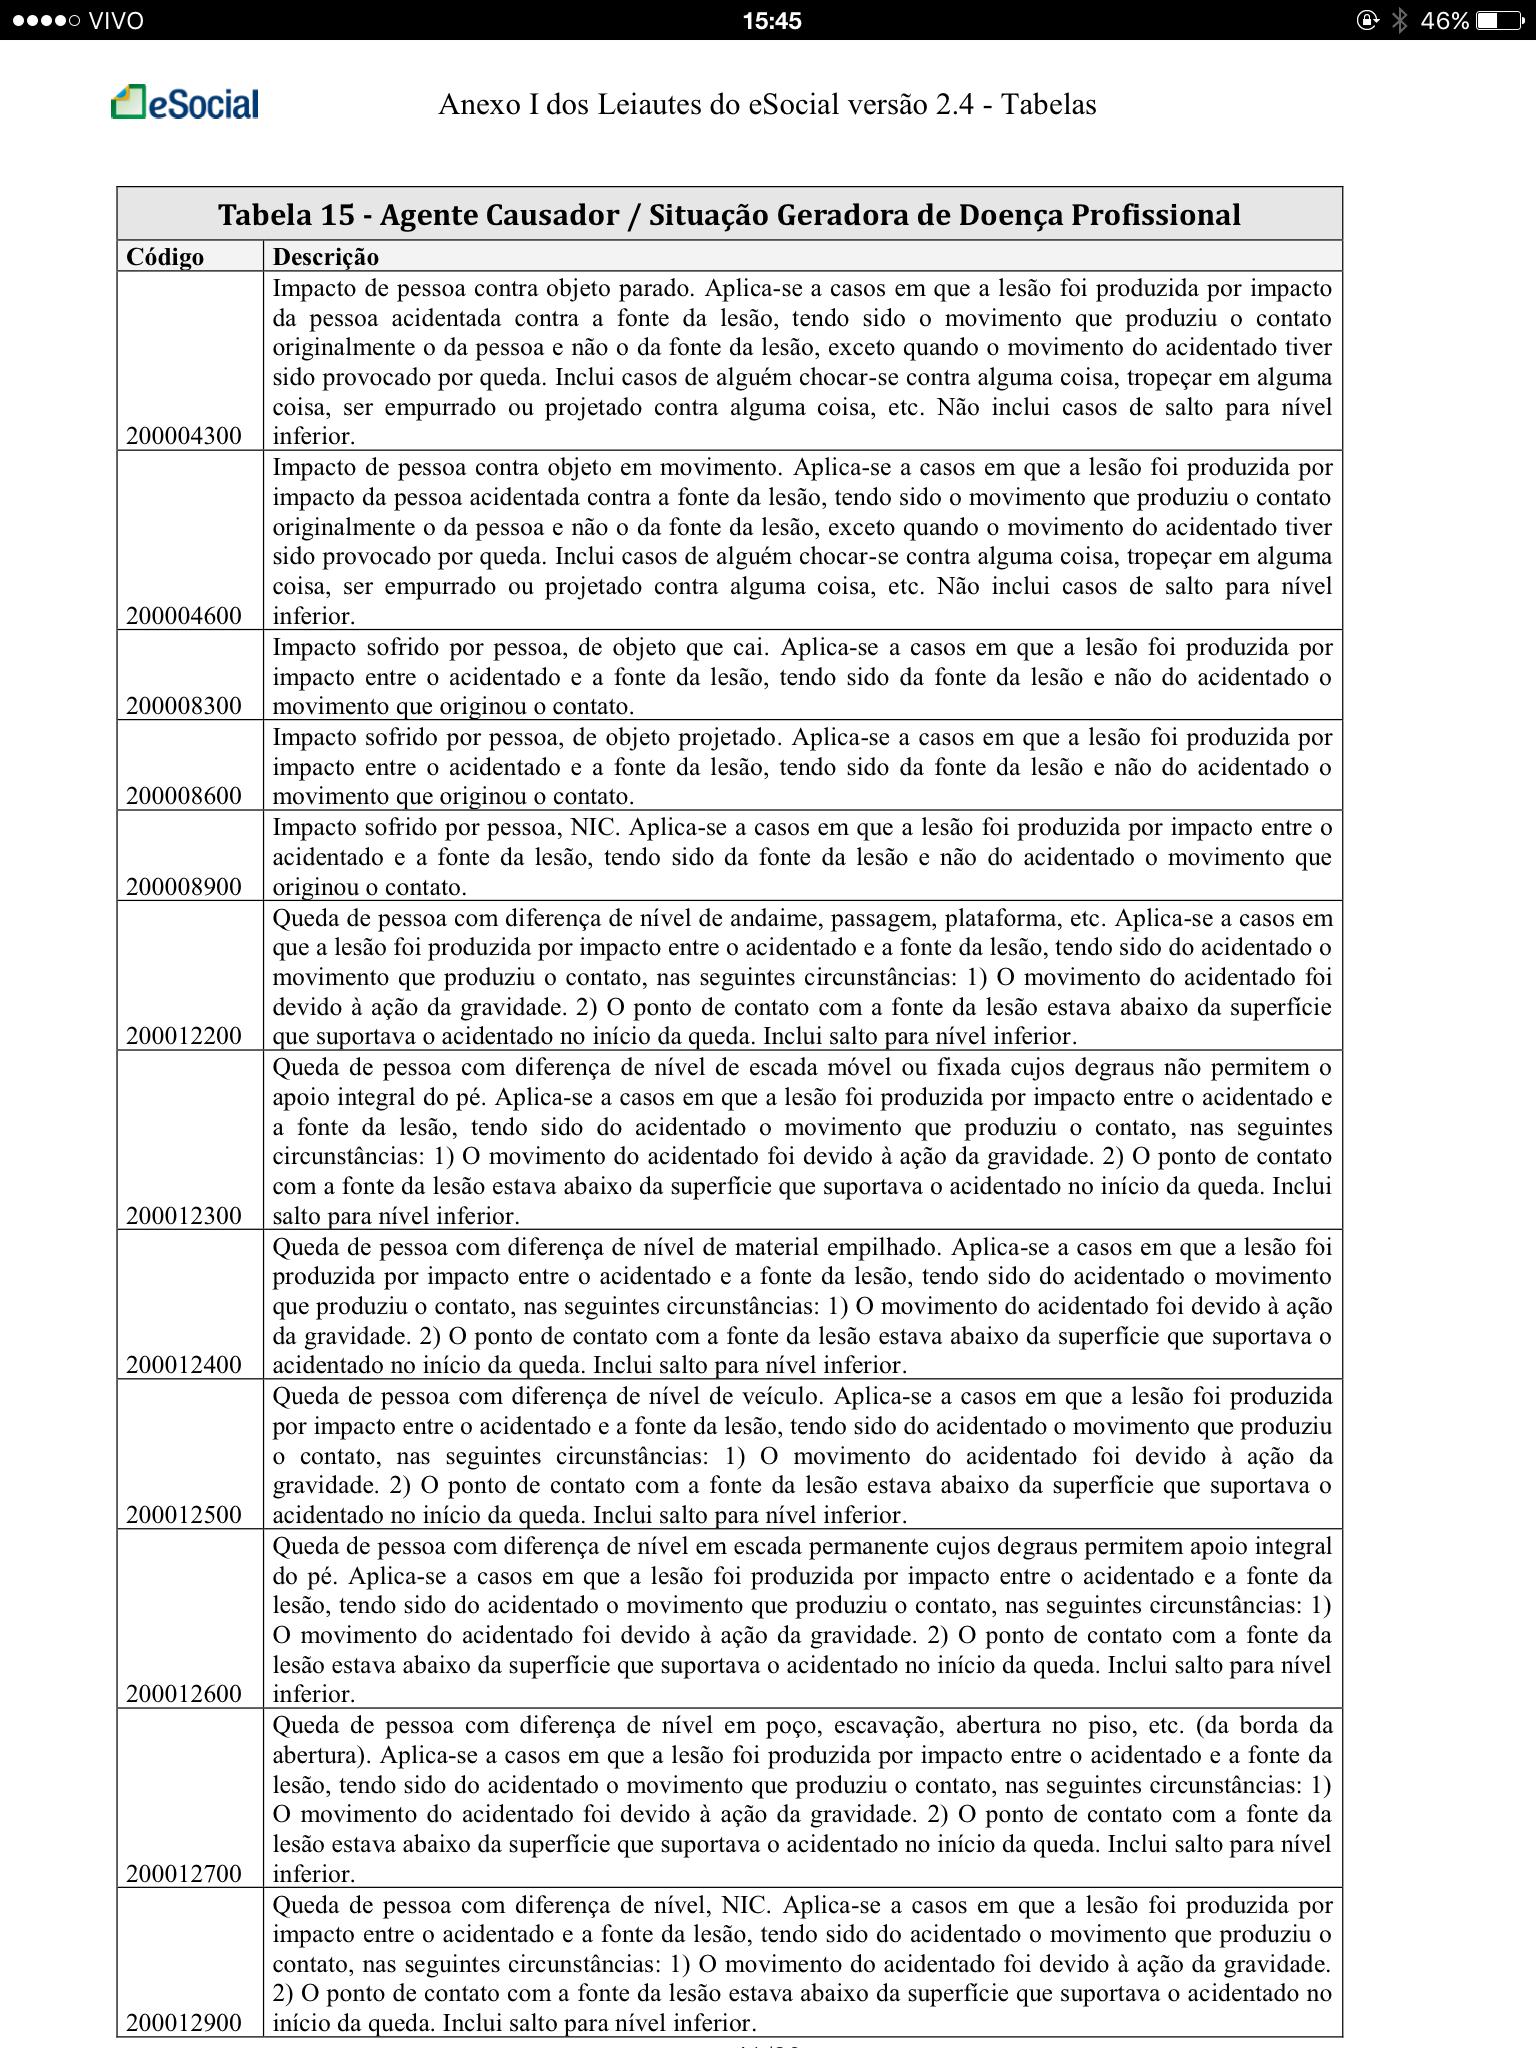 Tabela 15 - Agente Causador - Situação Geradora de Doença Profissional 1